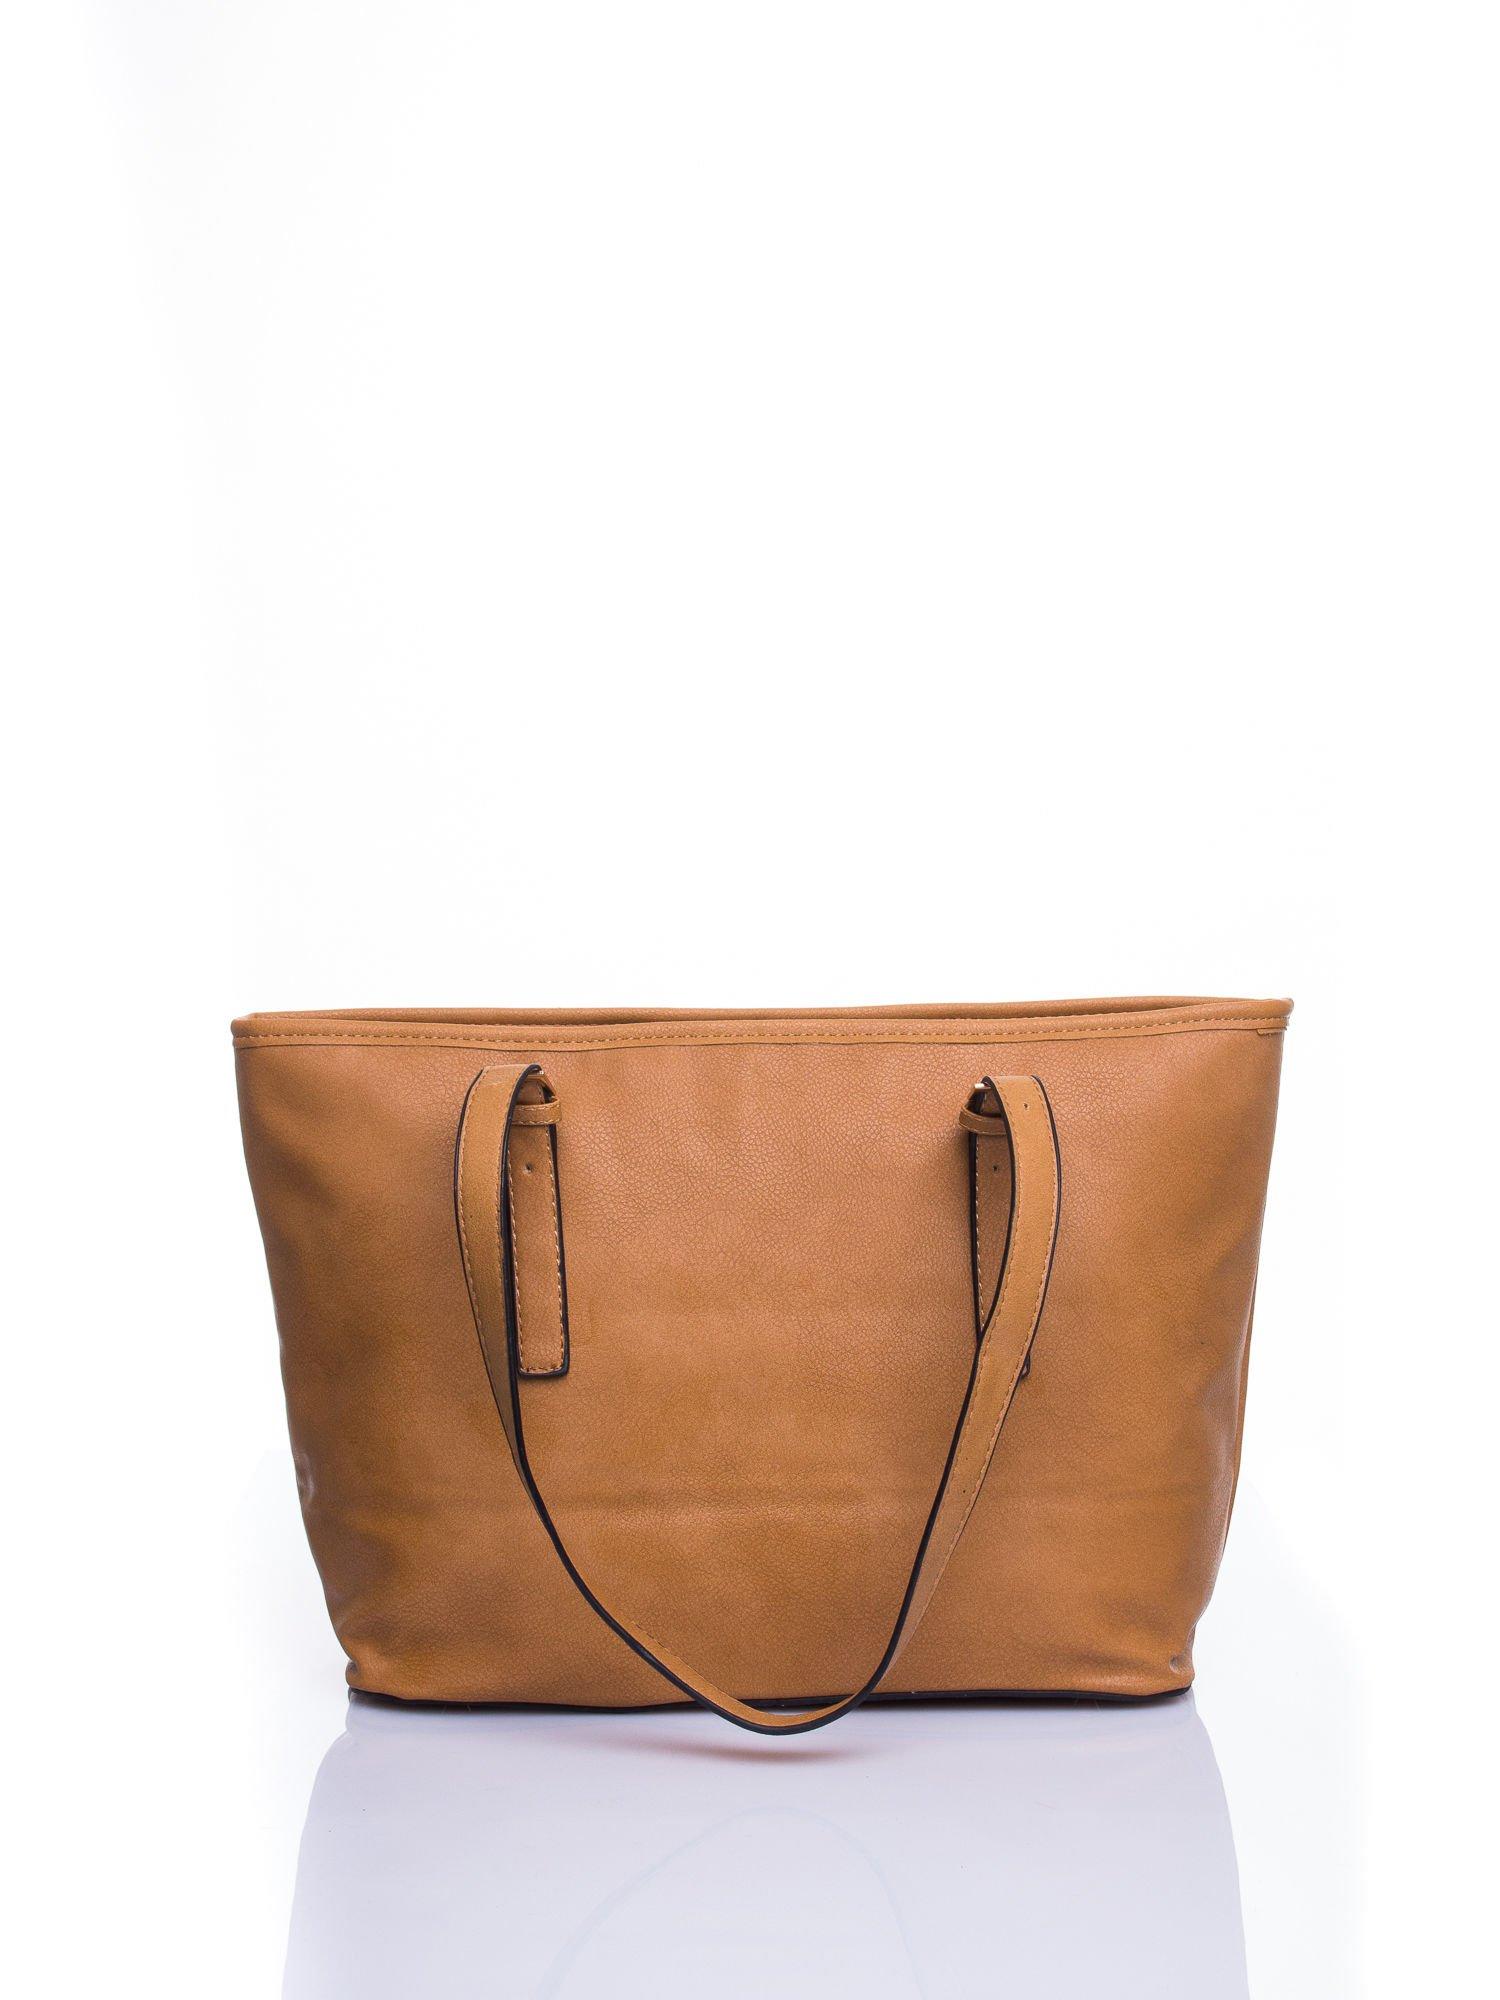 Brązowa torba shopper bag z regulowanymi rączkami                                  zdj.                                  3